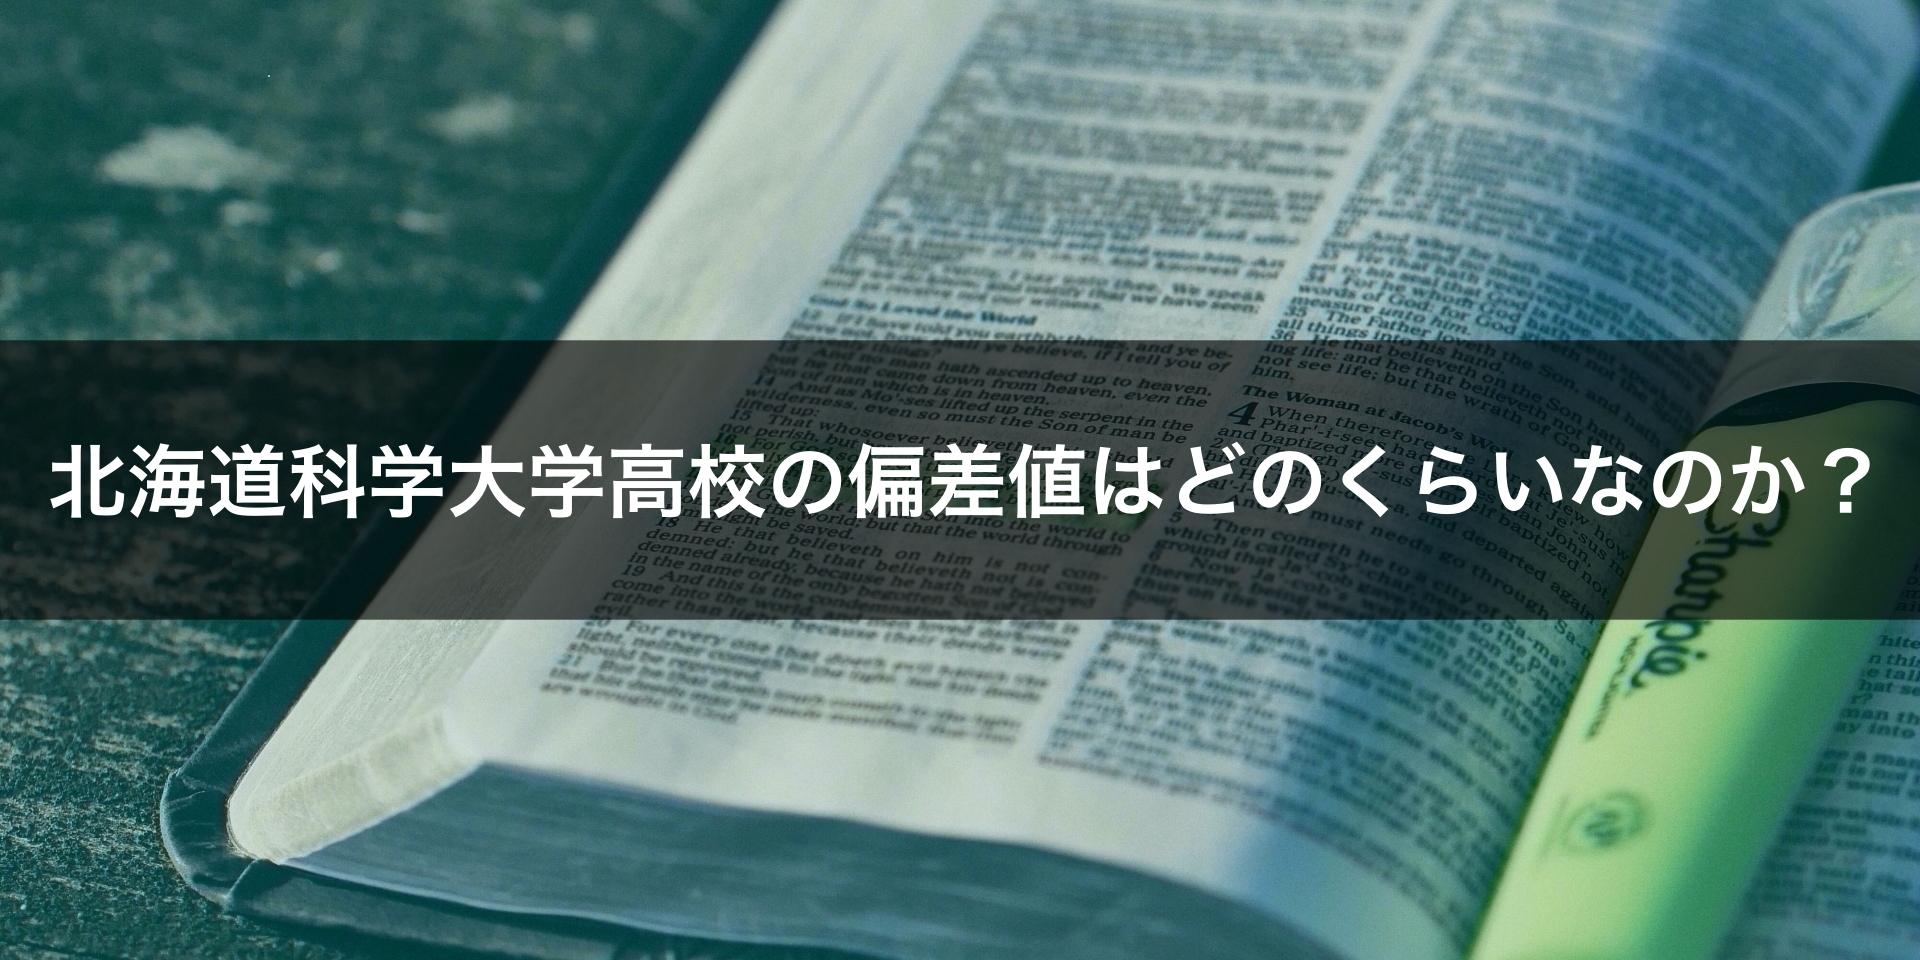 北海道科学大学高校の偏差値はどのくらいなのか?